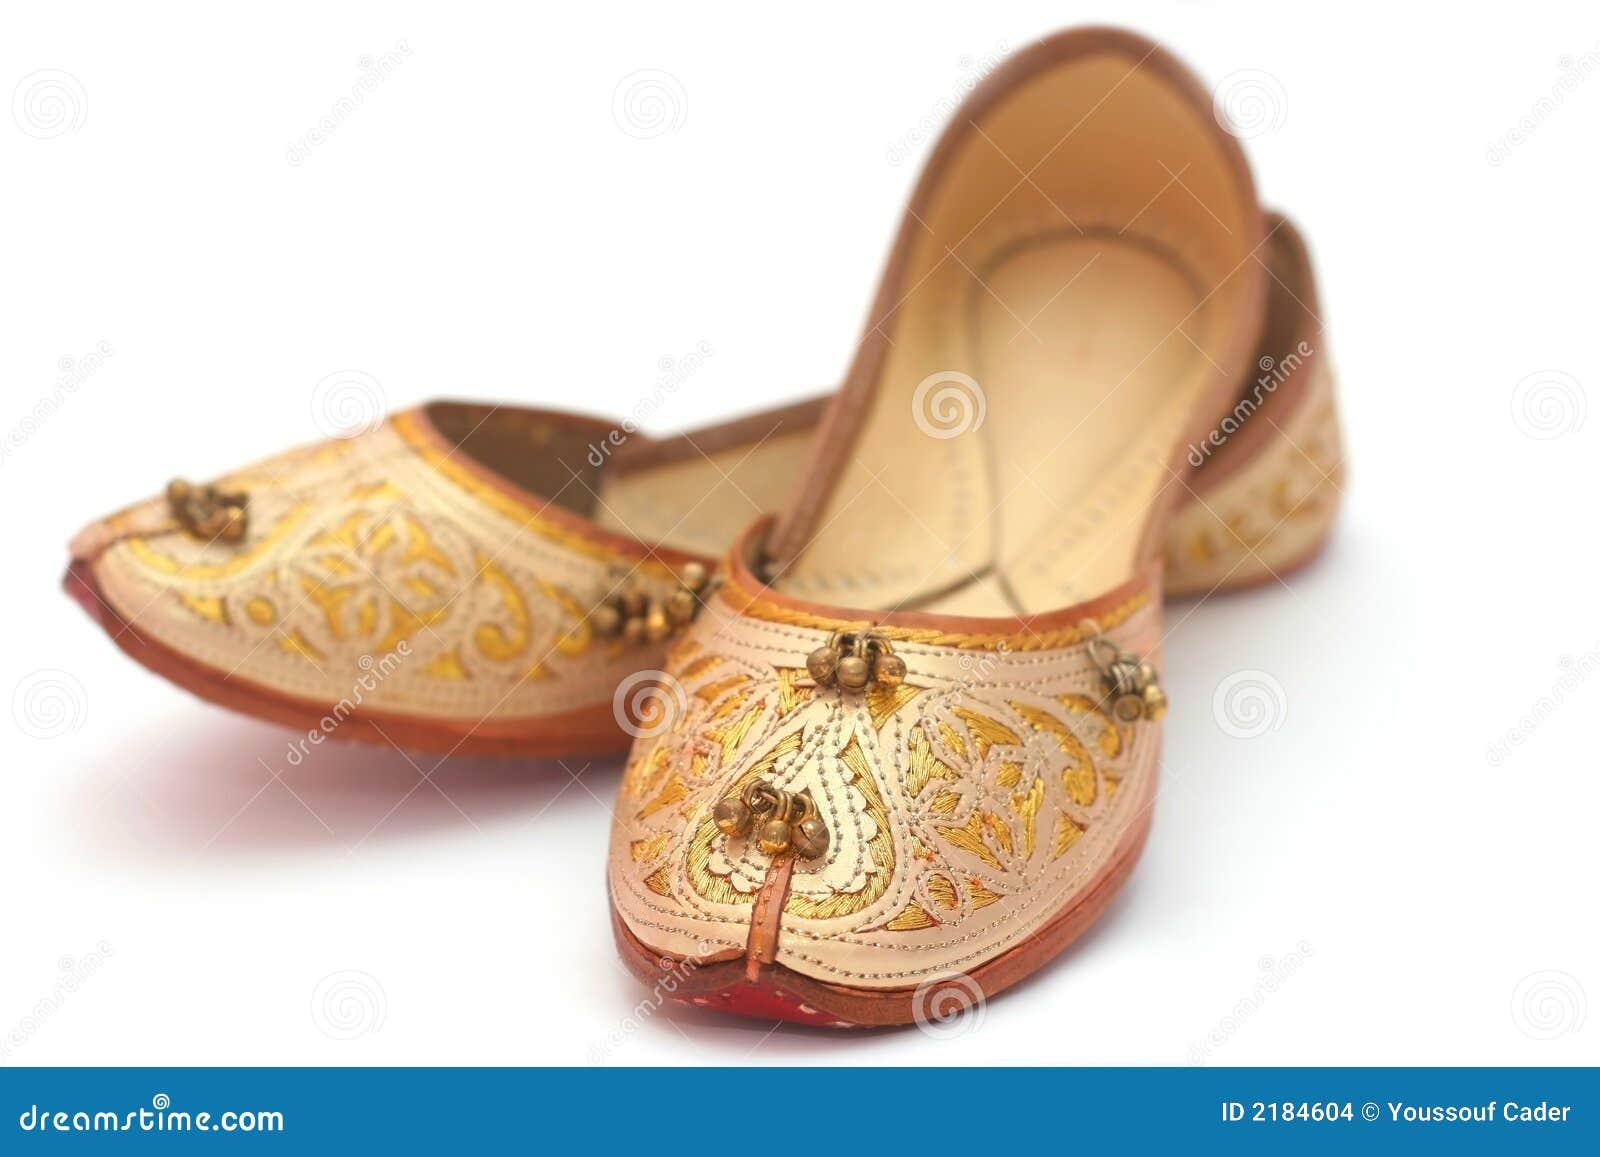 michael kors shoes india,michael kors parker chronograph